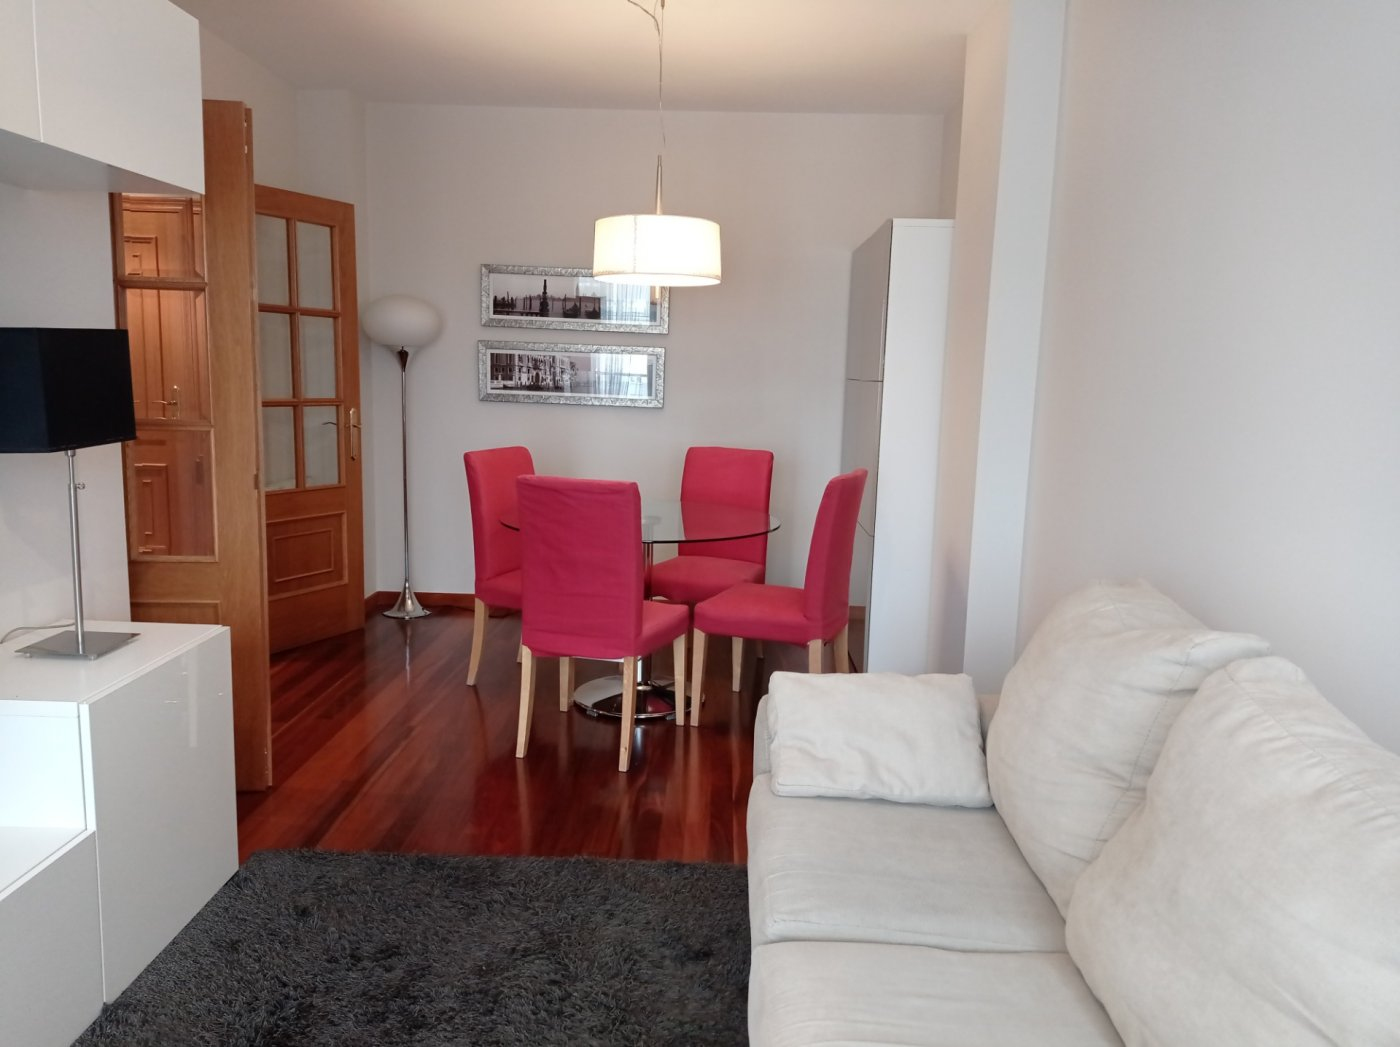 Apartamento en alquiler en Augas Férreas, Lugo